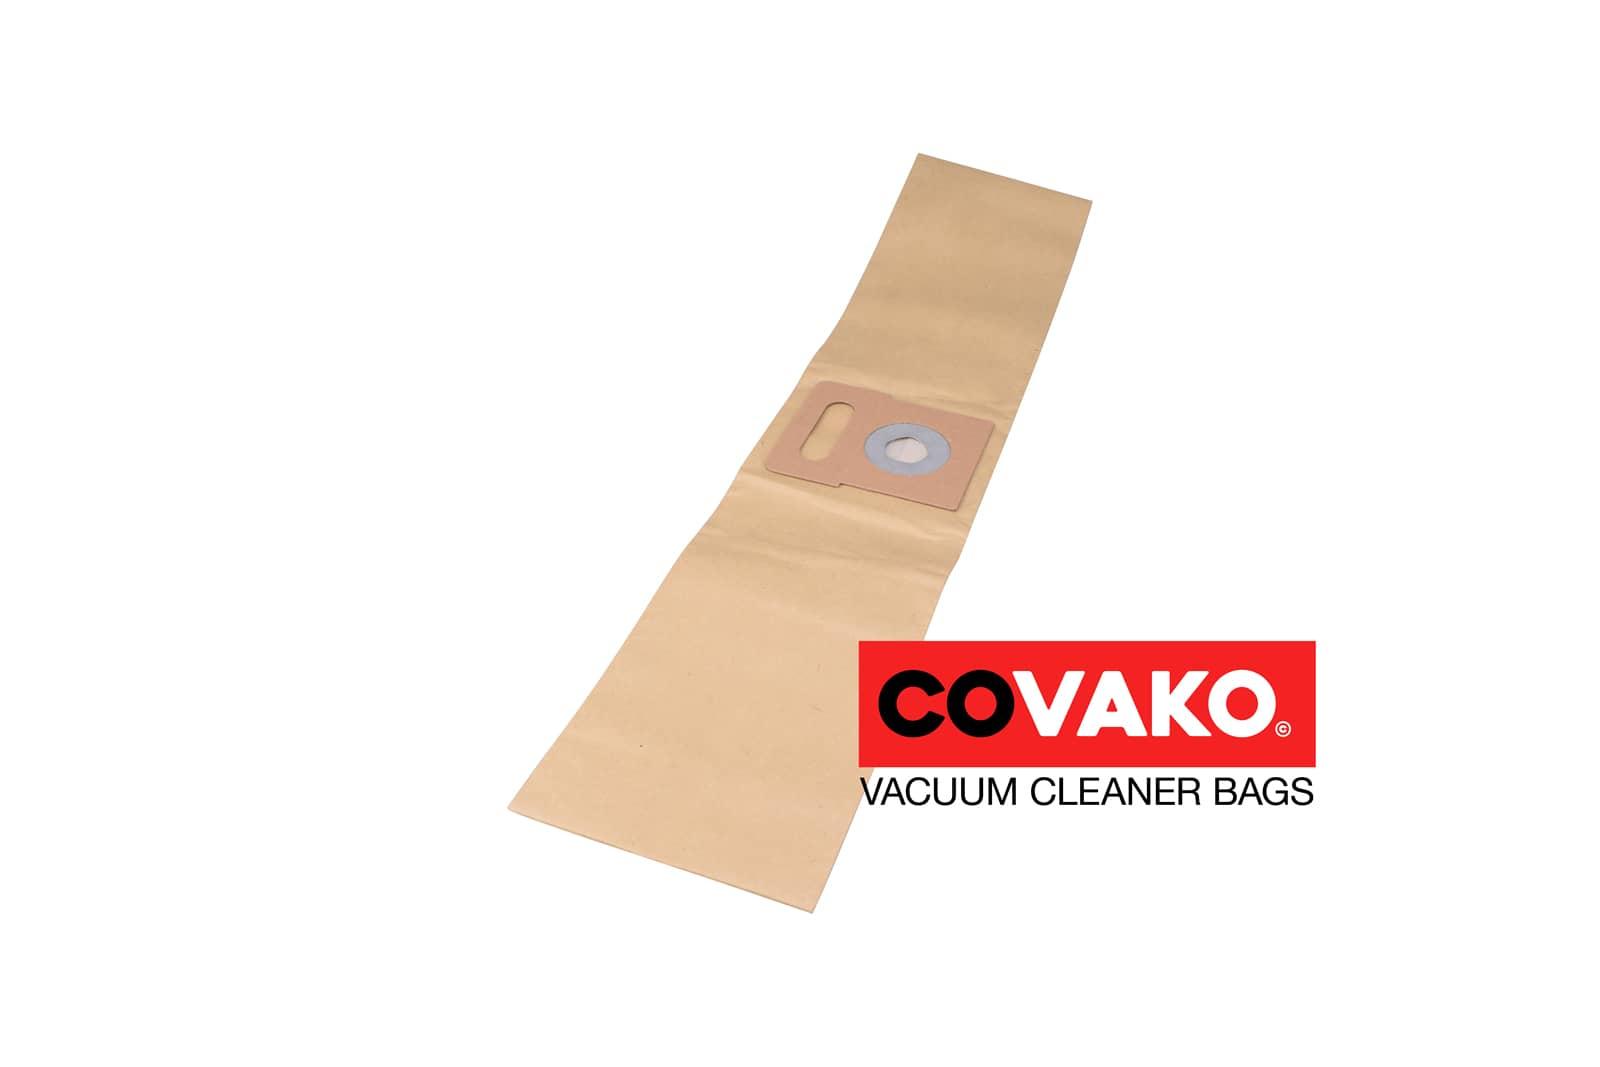 Master-Profi Profi 1 / Paper - Master-Profi vacuum cleaner bags